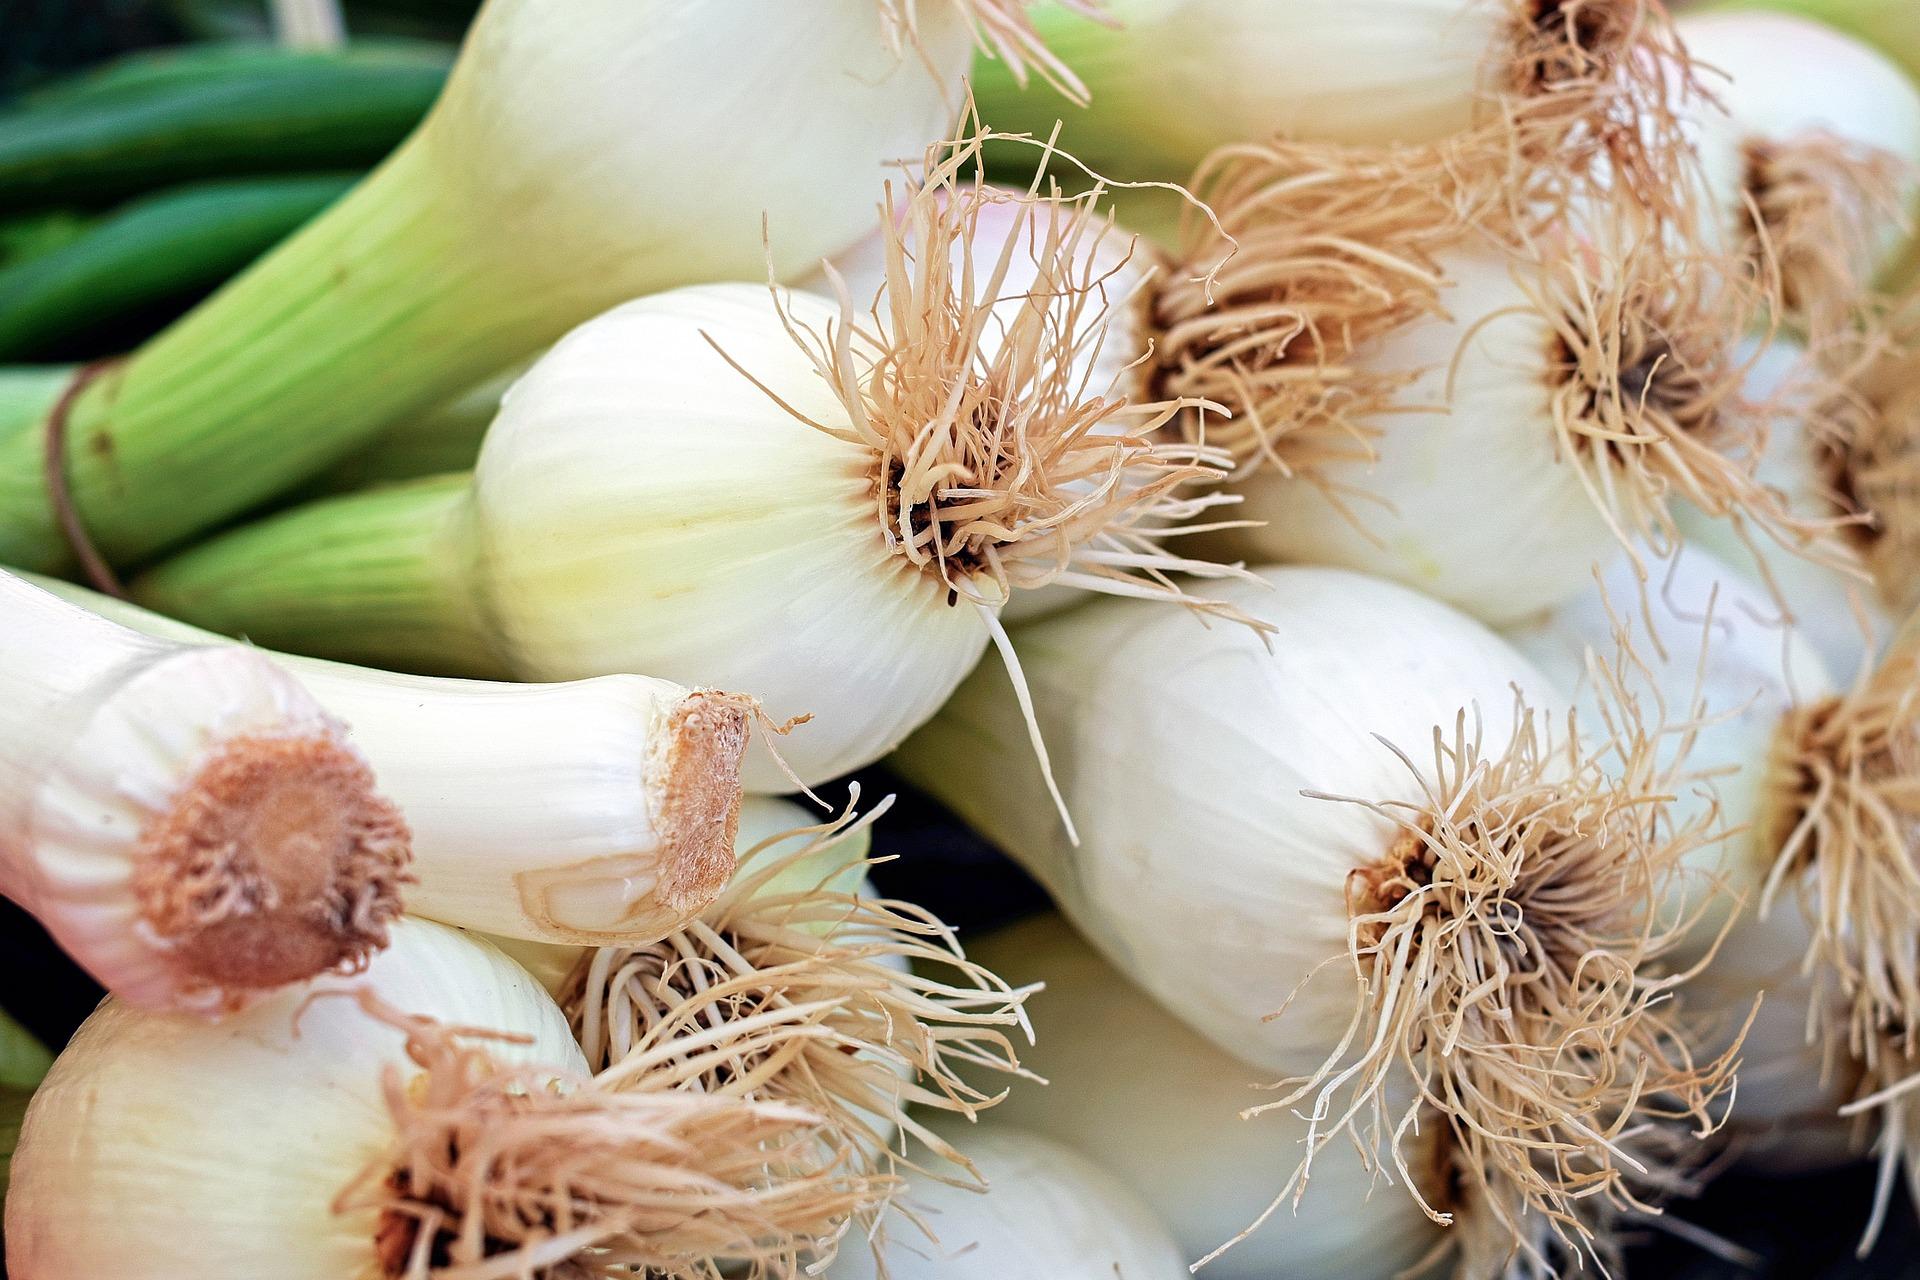 Scopri alcuni consigli per cucinare al meglio i cipollotti - Consigli per cucinare ...